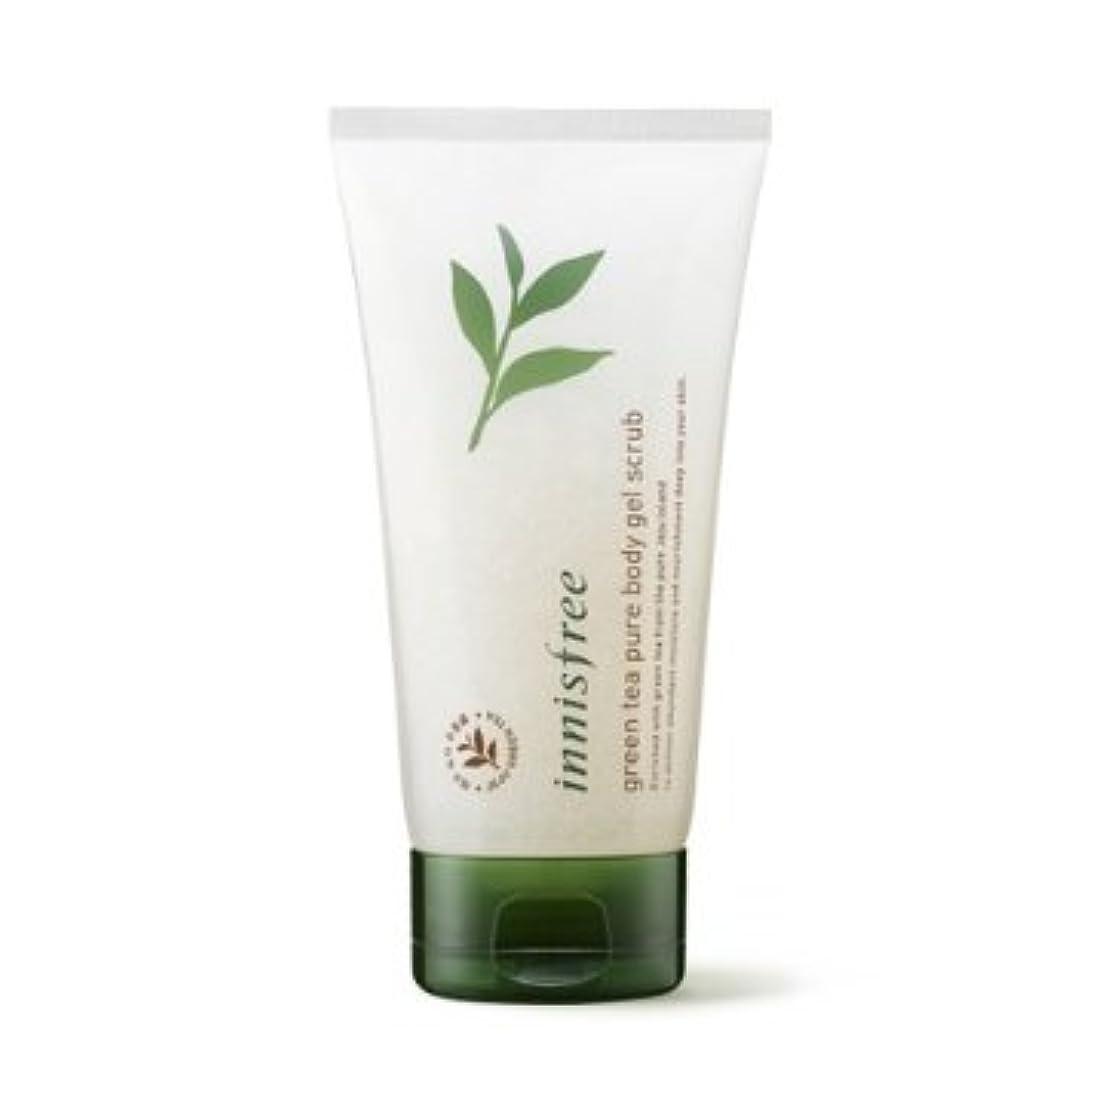 専ら黙認するパラシュート【イニスフリー】Innisfree green tea pure body gel scrub - 150ml (韓国直送品) (SHOPPINGINSTAGRAM)